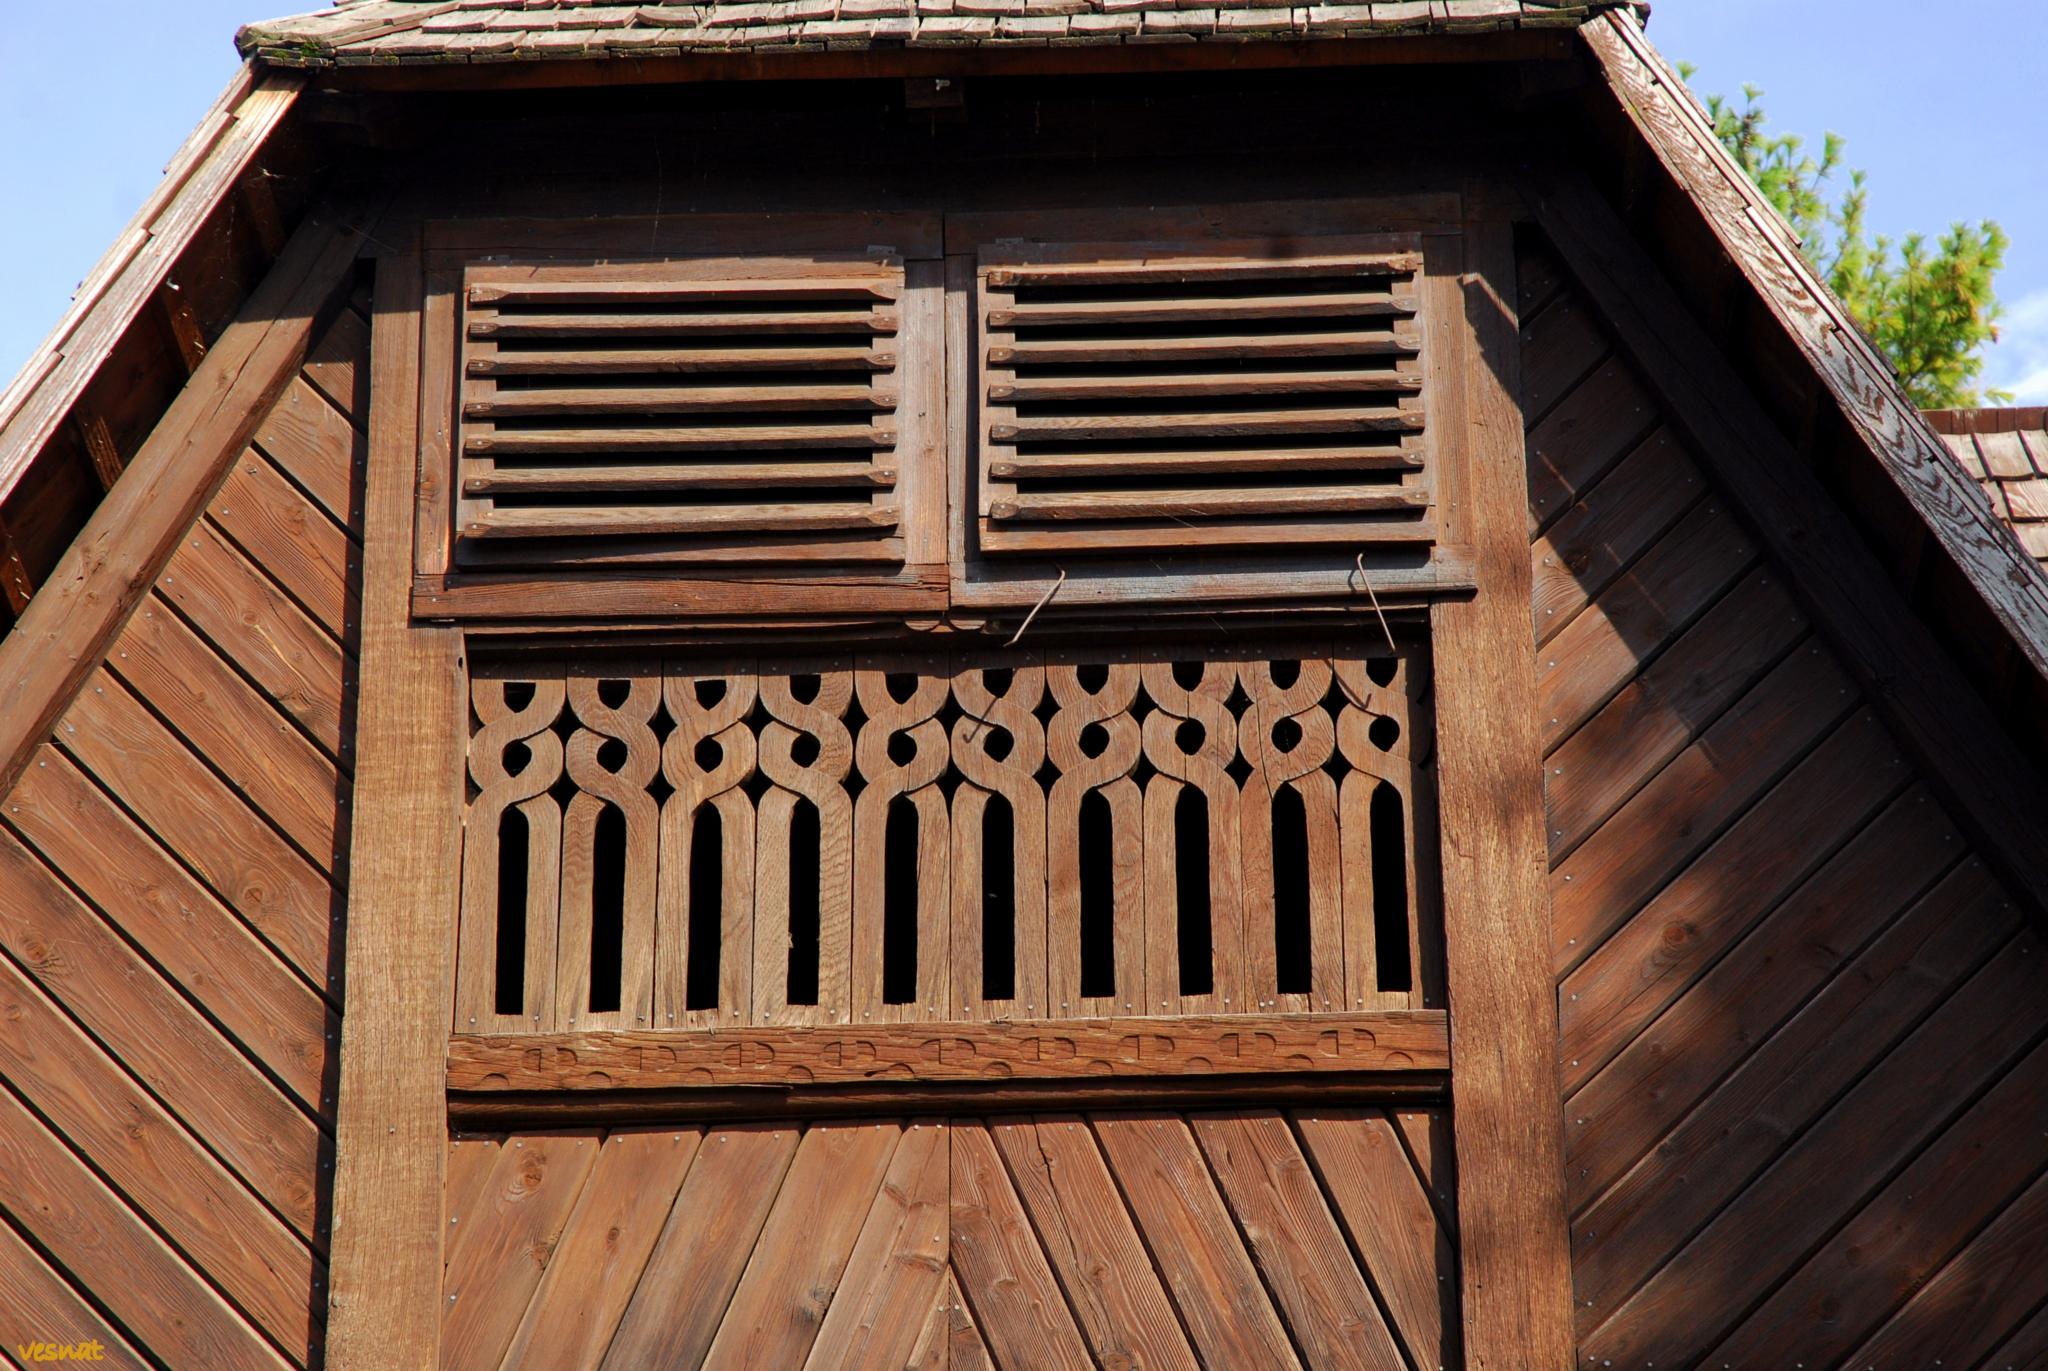 detail from the St. Barbara's Chapel, Velika Mlaka, Croatia by vesna.tafra